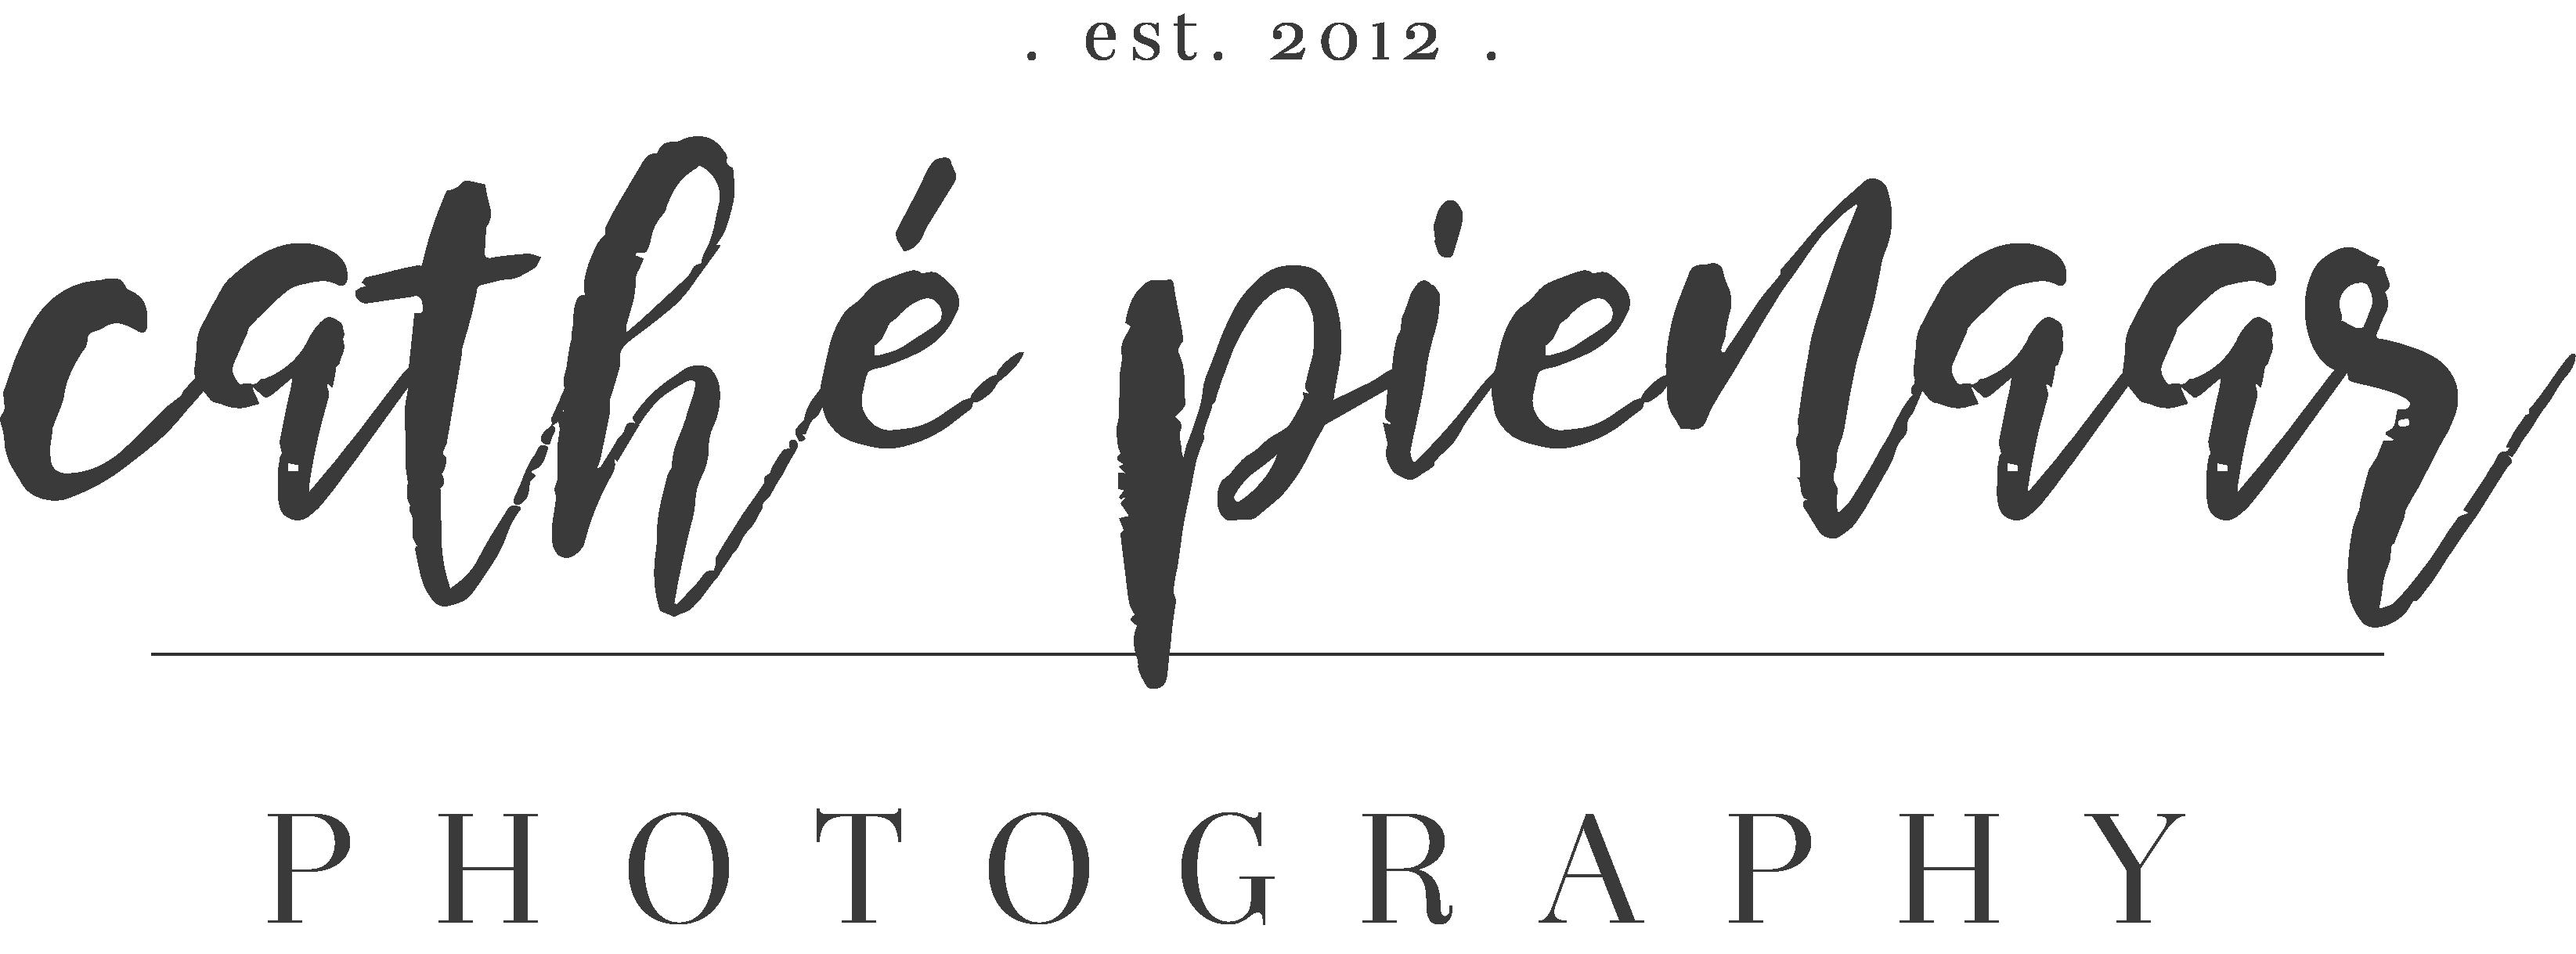 Cathé Photography